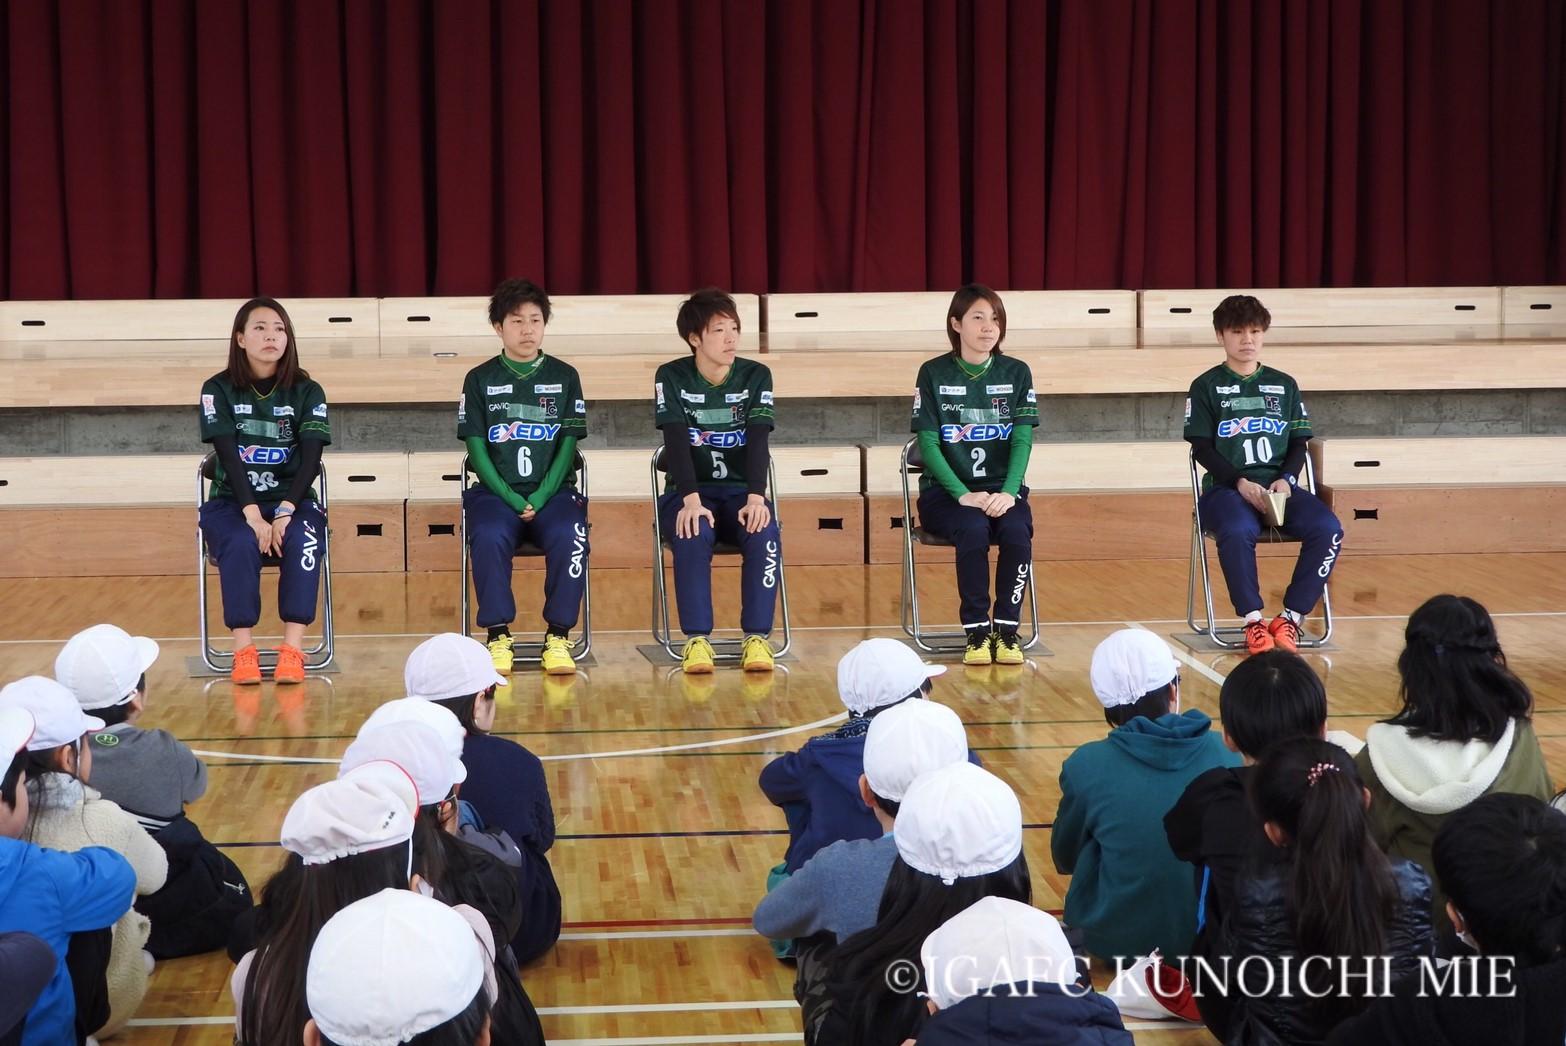 「伊賀FCくノ一三重夢教室」上野西小学校を訪問致しました!